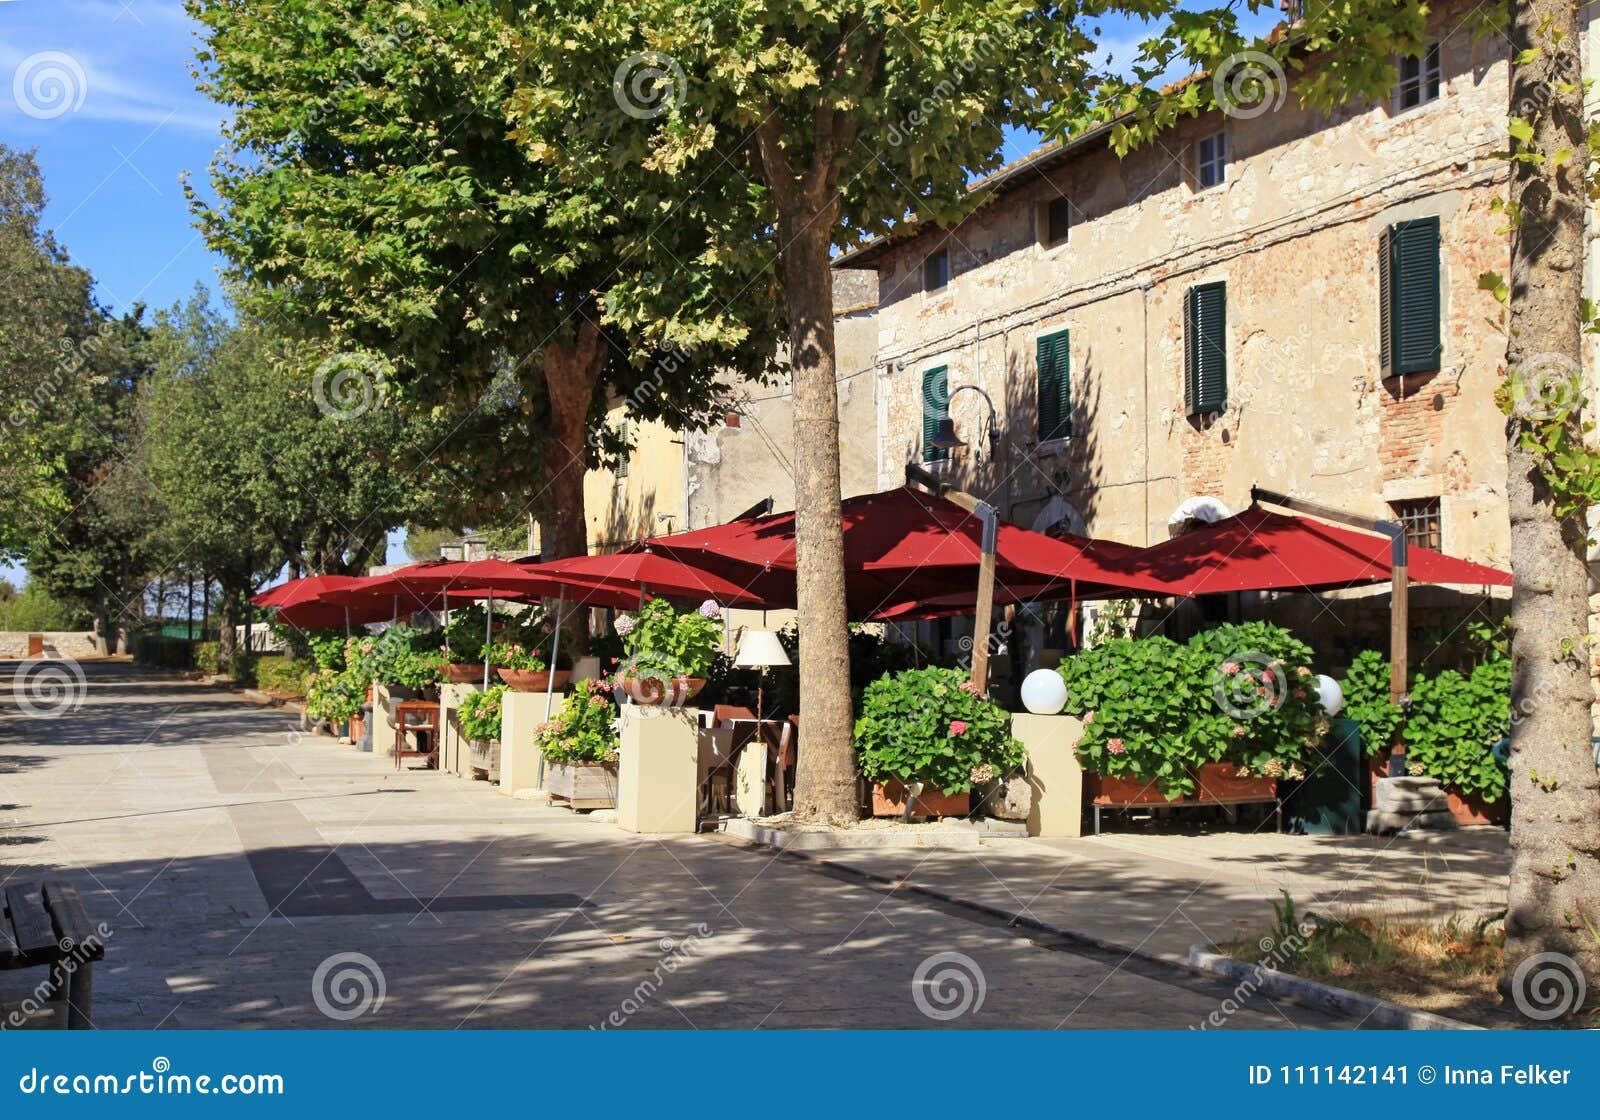 Italienisches Café im Freien mit Regenschirmen und Blumentöpfen im kleinen Schleppseil